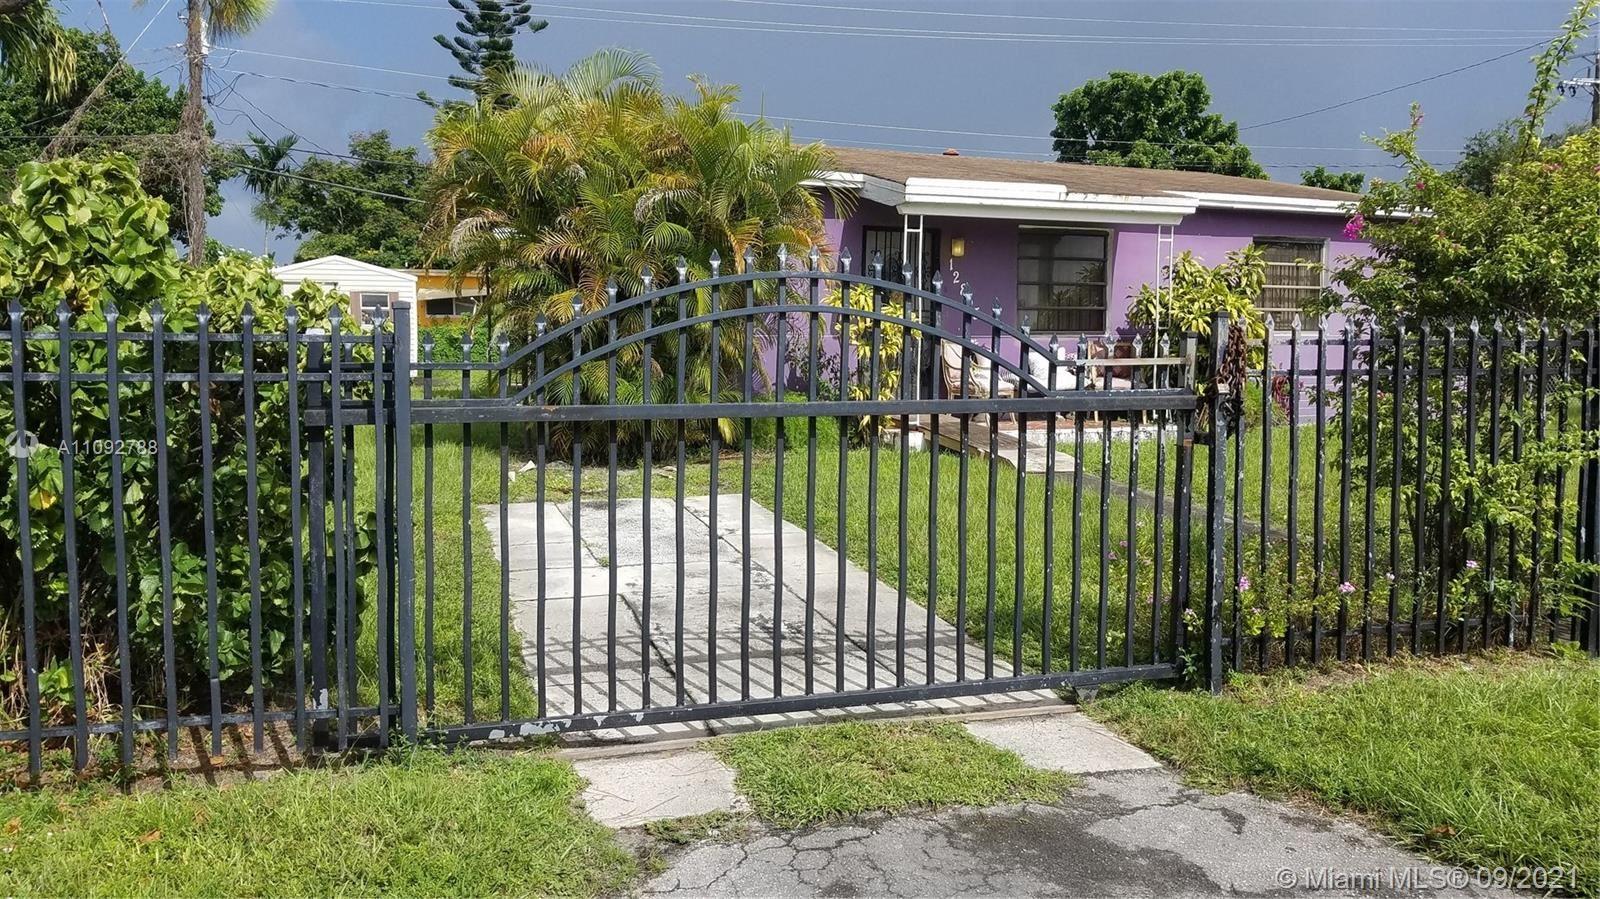 12835 NW 19th Ave, Miami, FL 33167 - #: A11092788